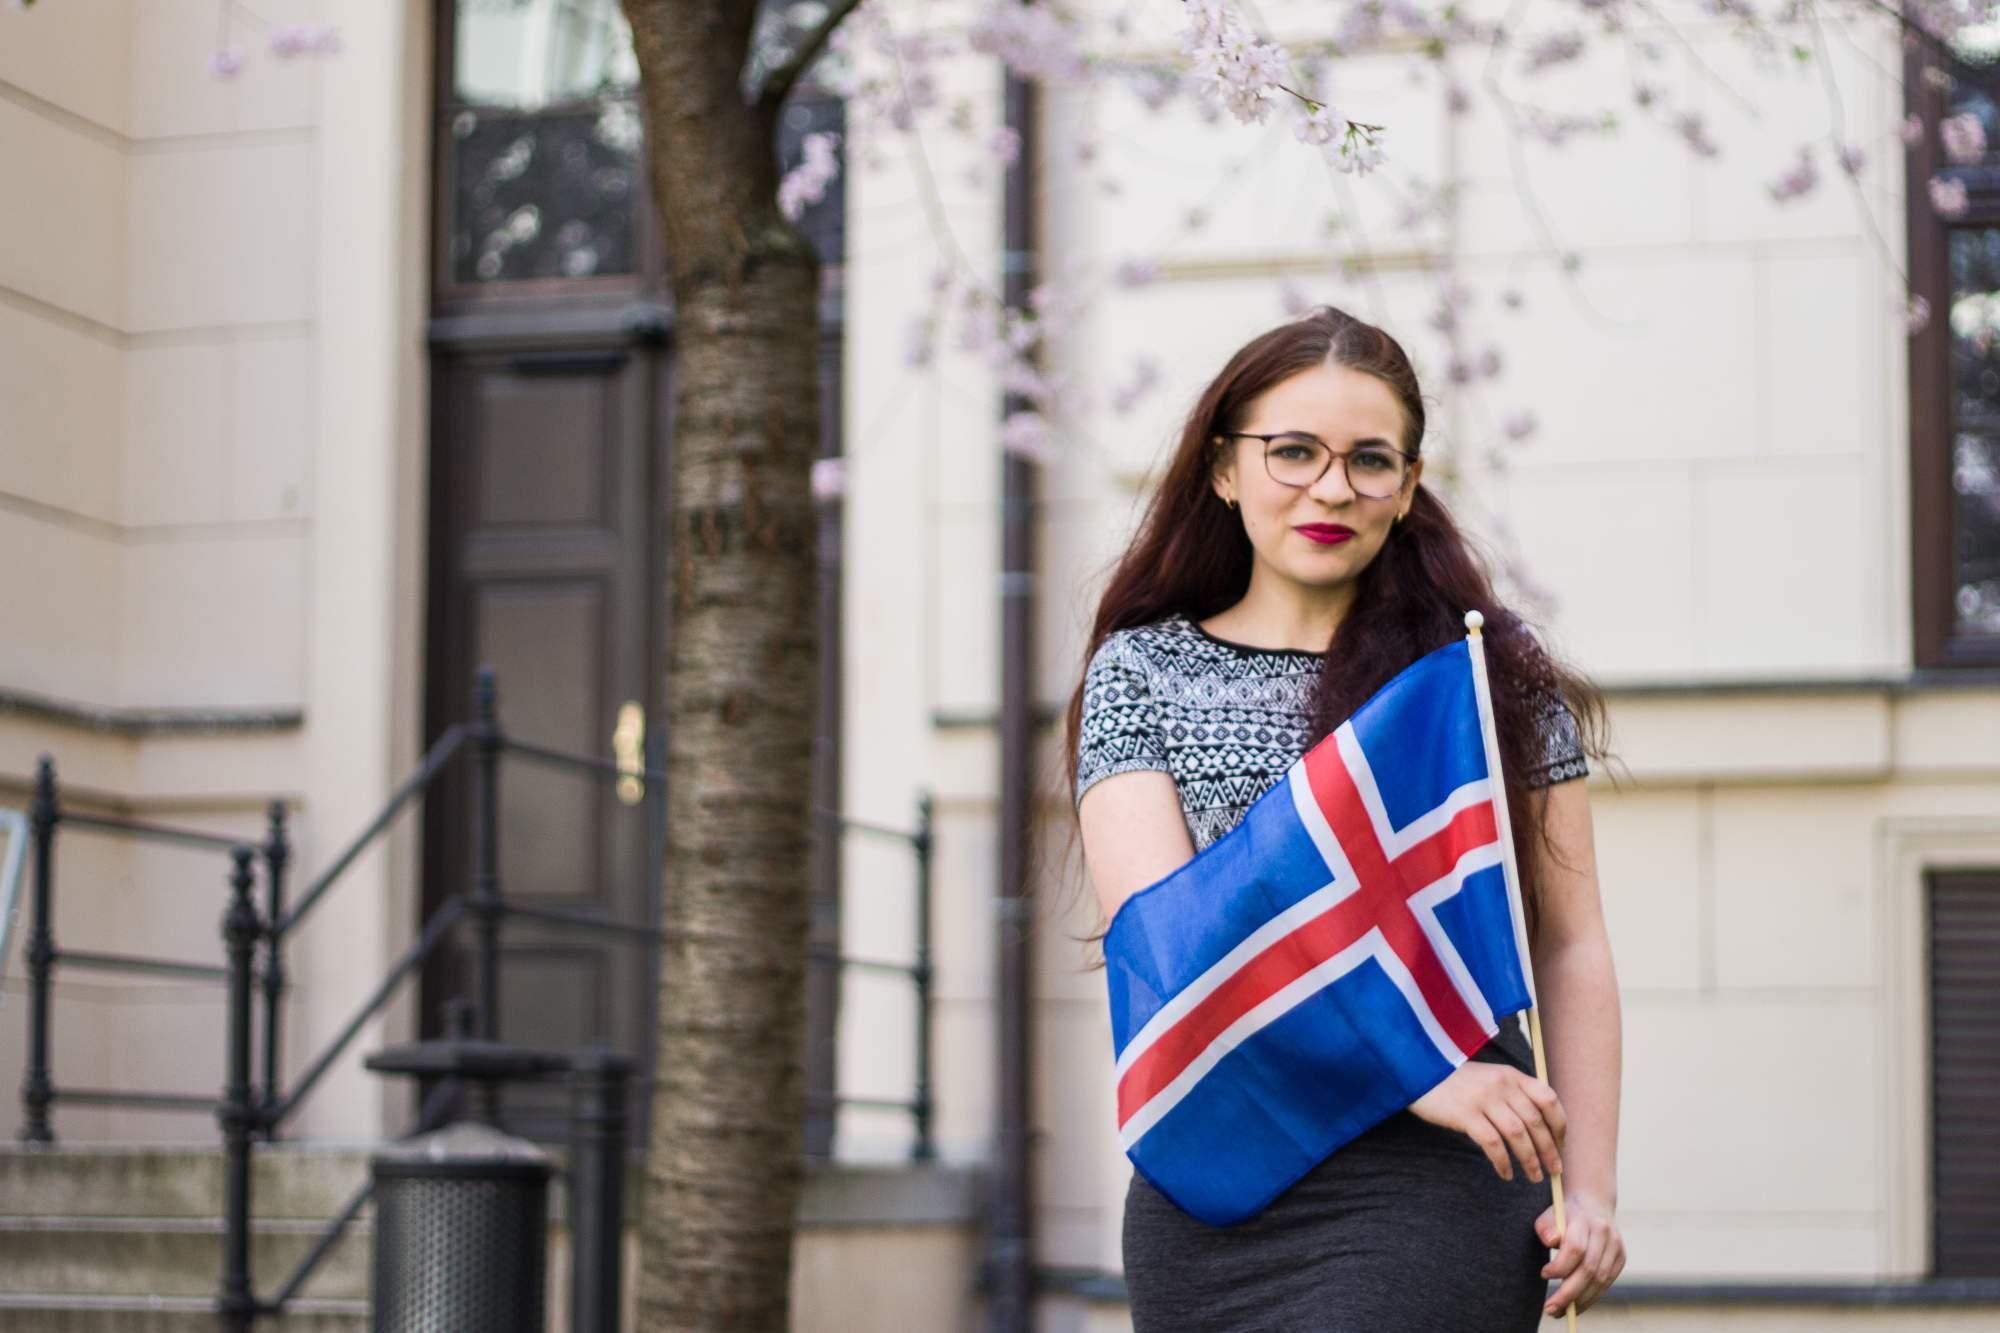 Tereza Kráčmarová strávila 3 měsíce na Islandu. Na fotce pózuje s islandskou vlajkou. Foto: Martina Hykšová